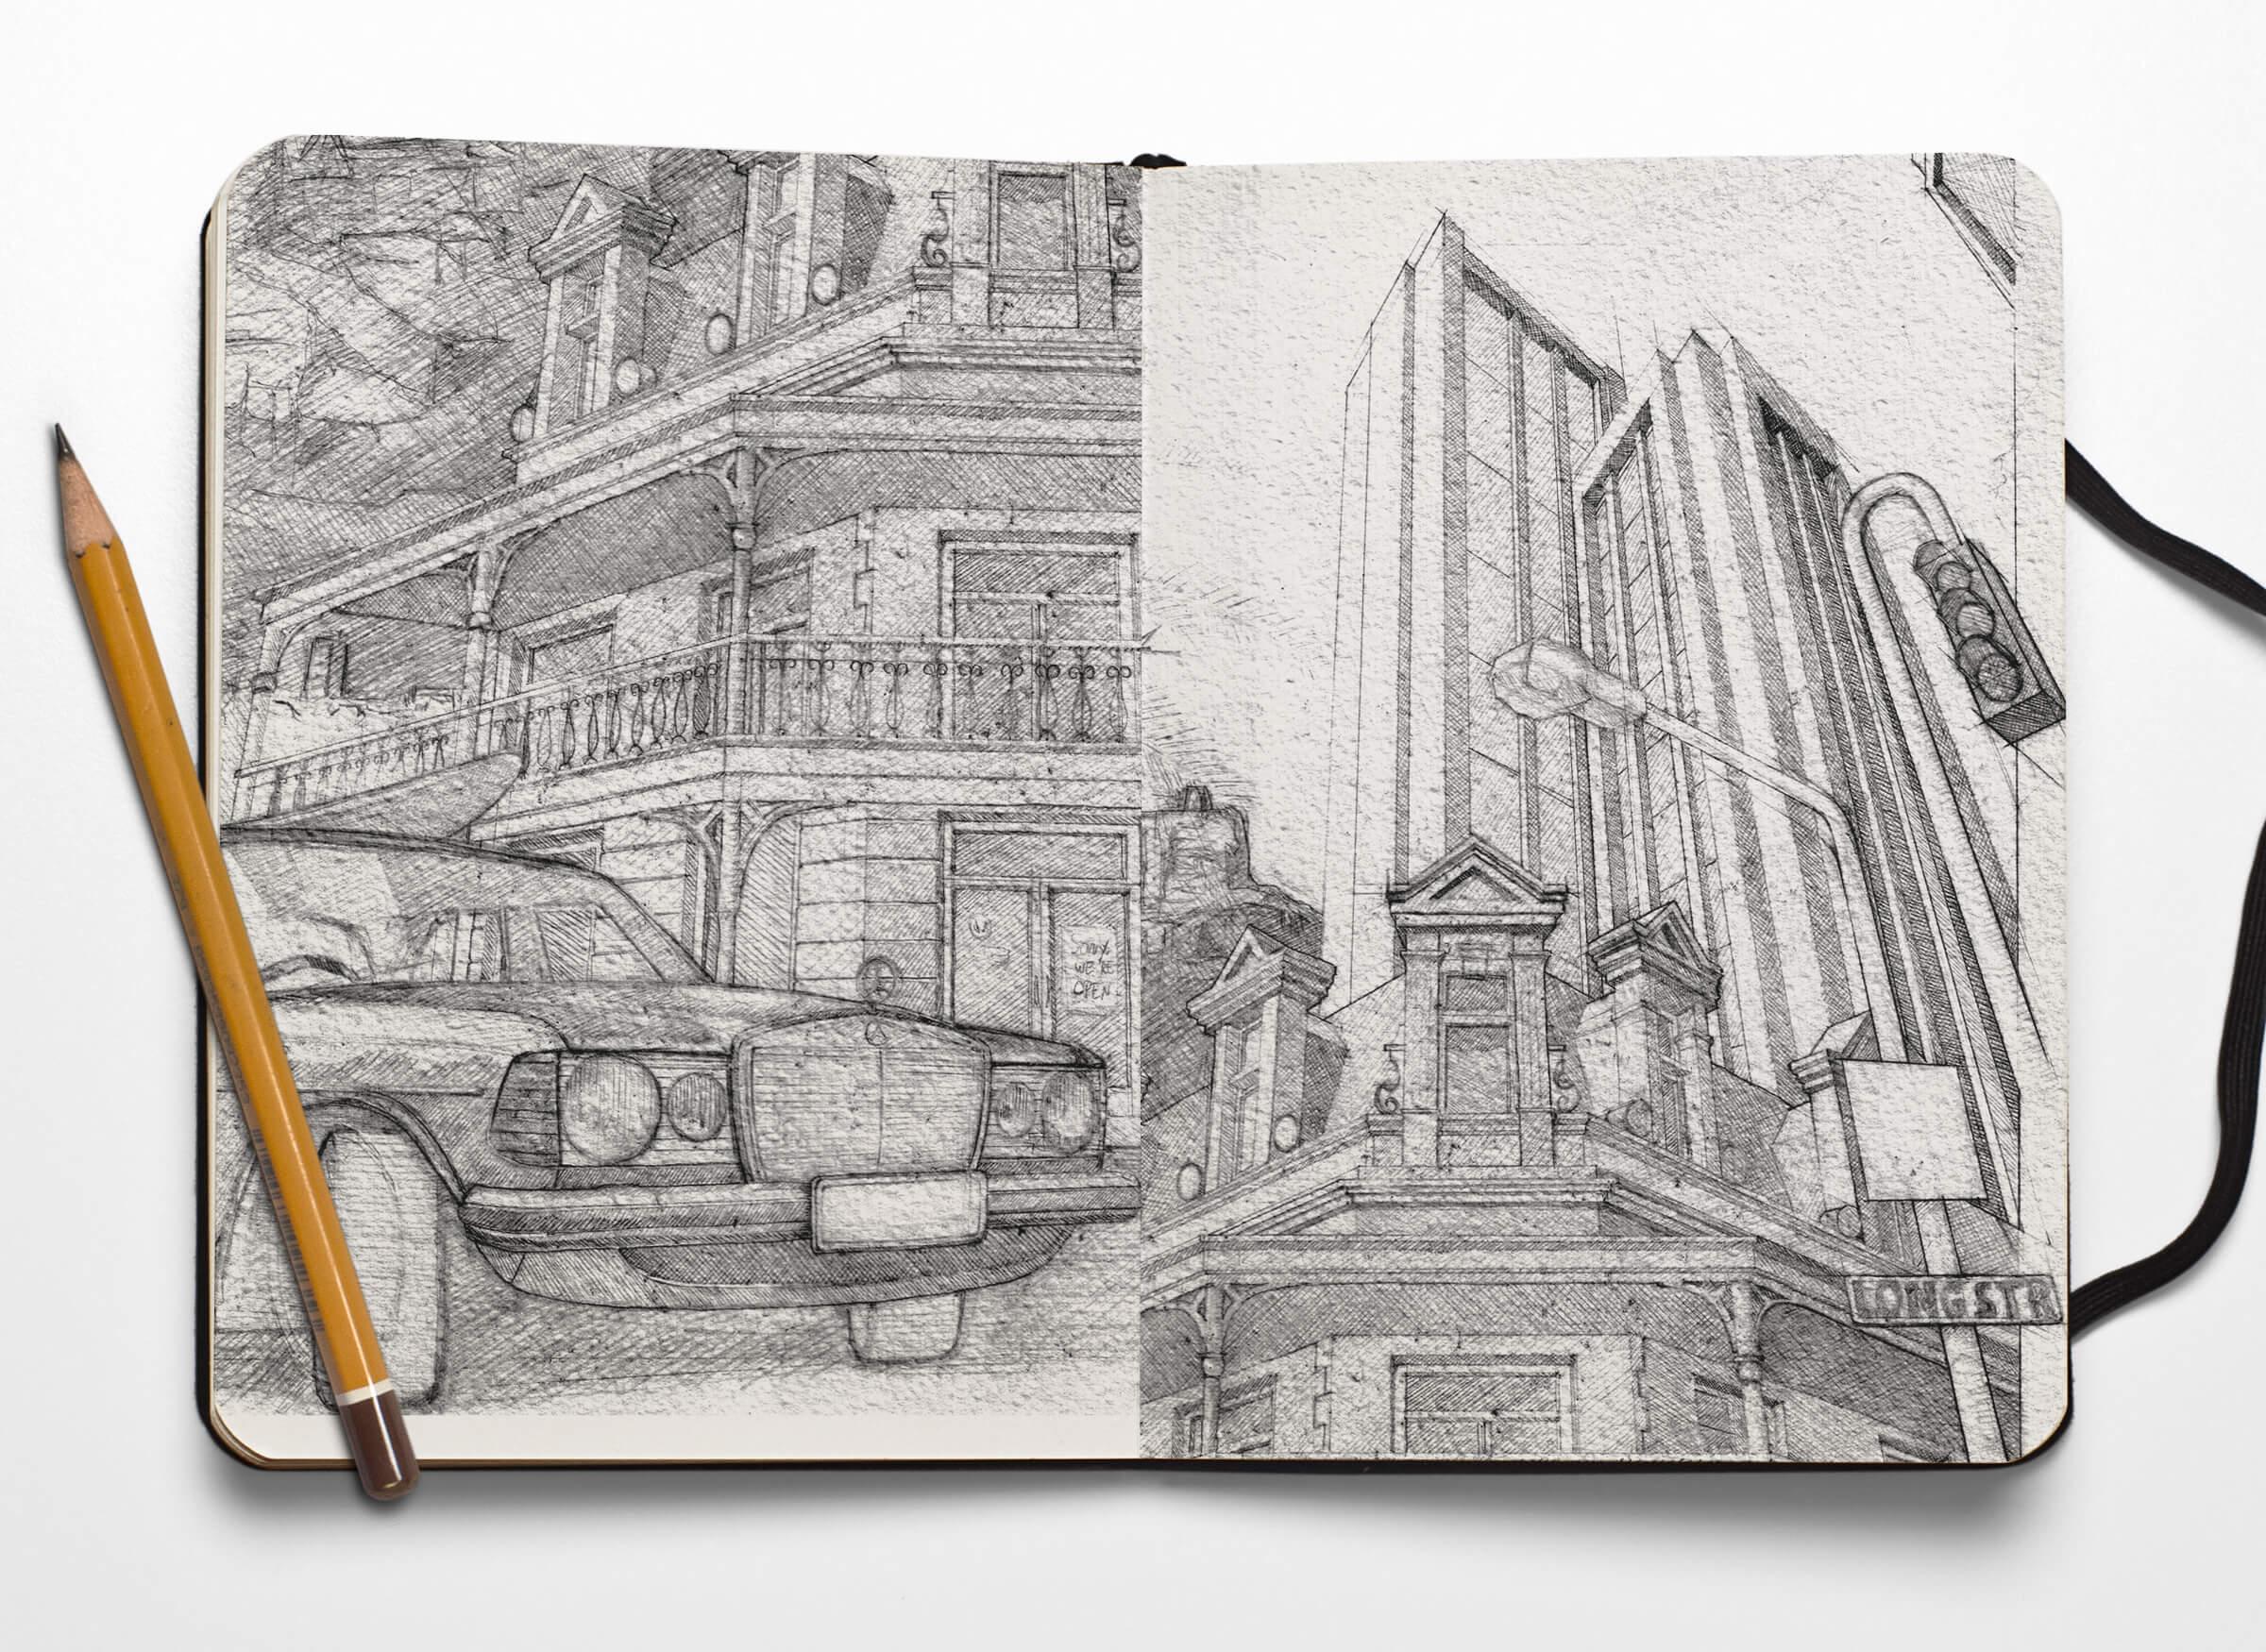 Sketchbook Mercedes und Kolonialstil-Haus in Kapstadt